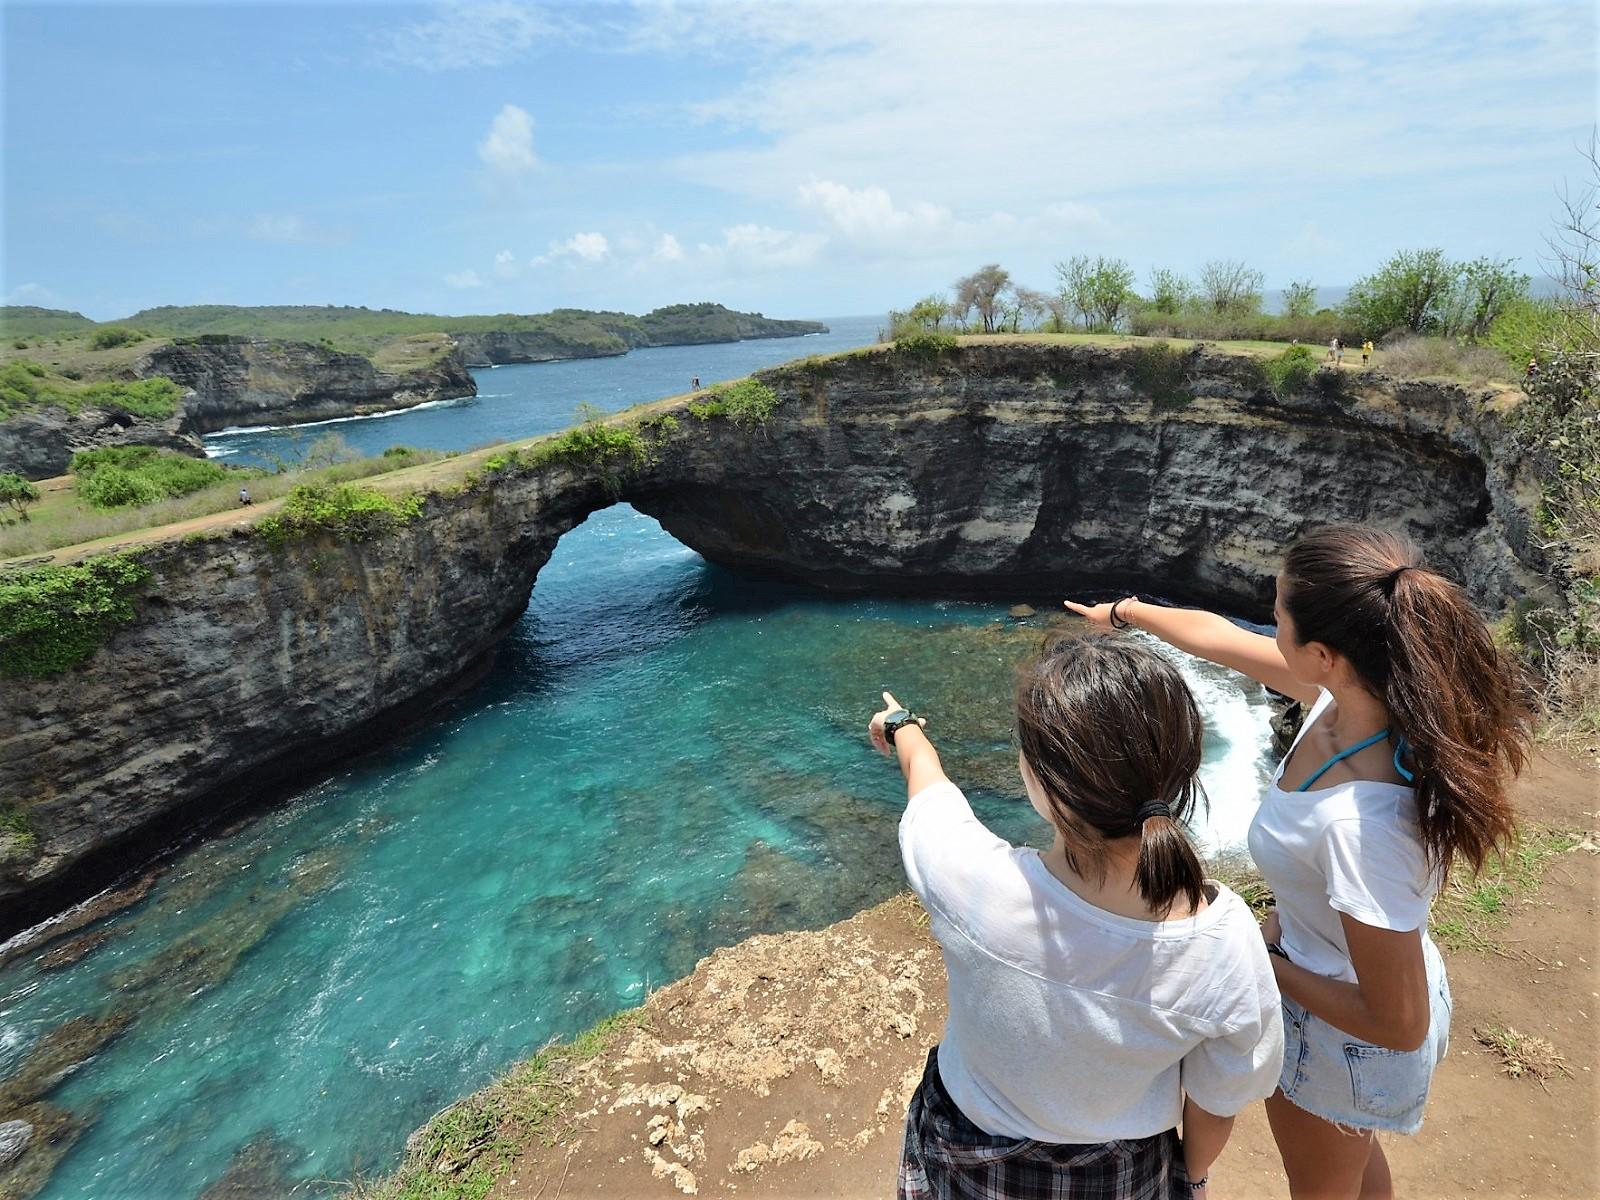 ペニダ島、クリンキンビーチ、ブロークンビーチ、エンジェルビラボンの紹介